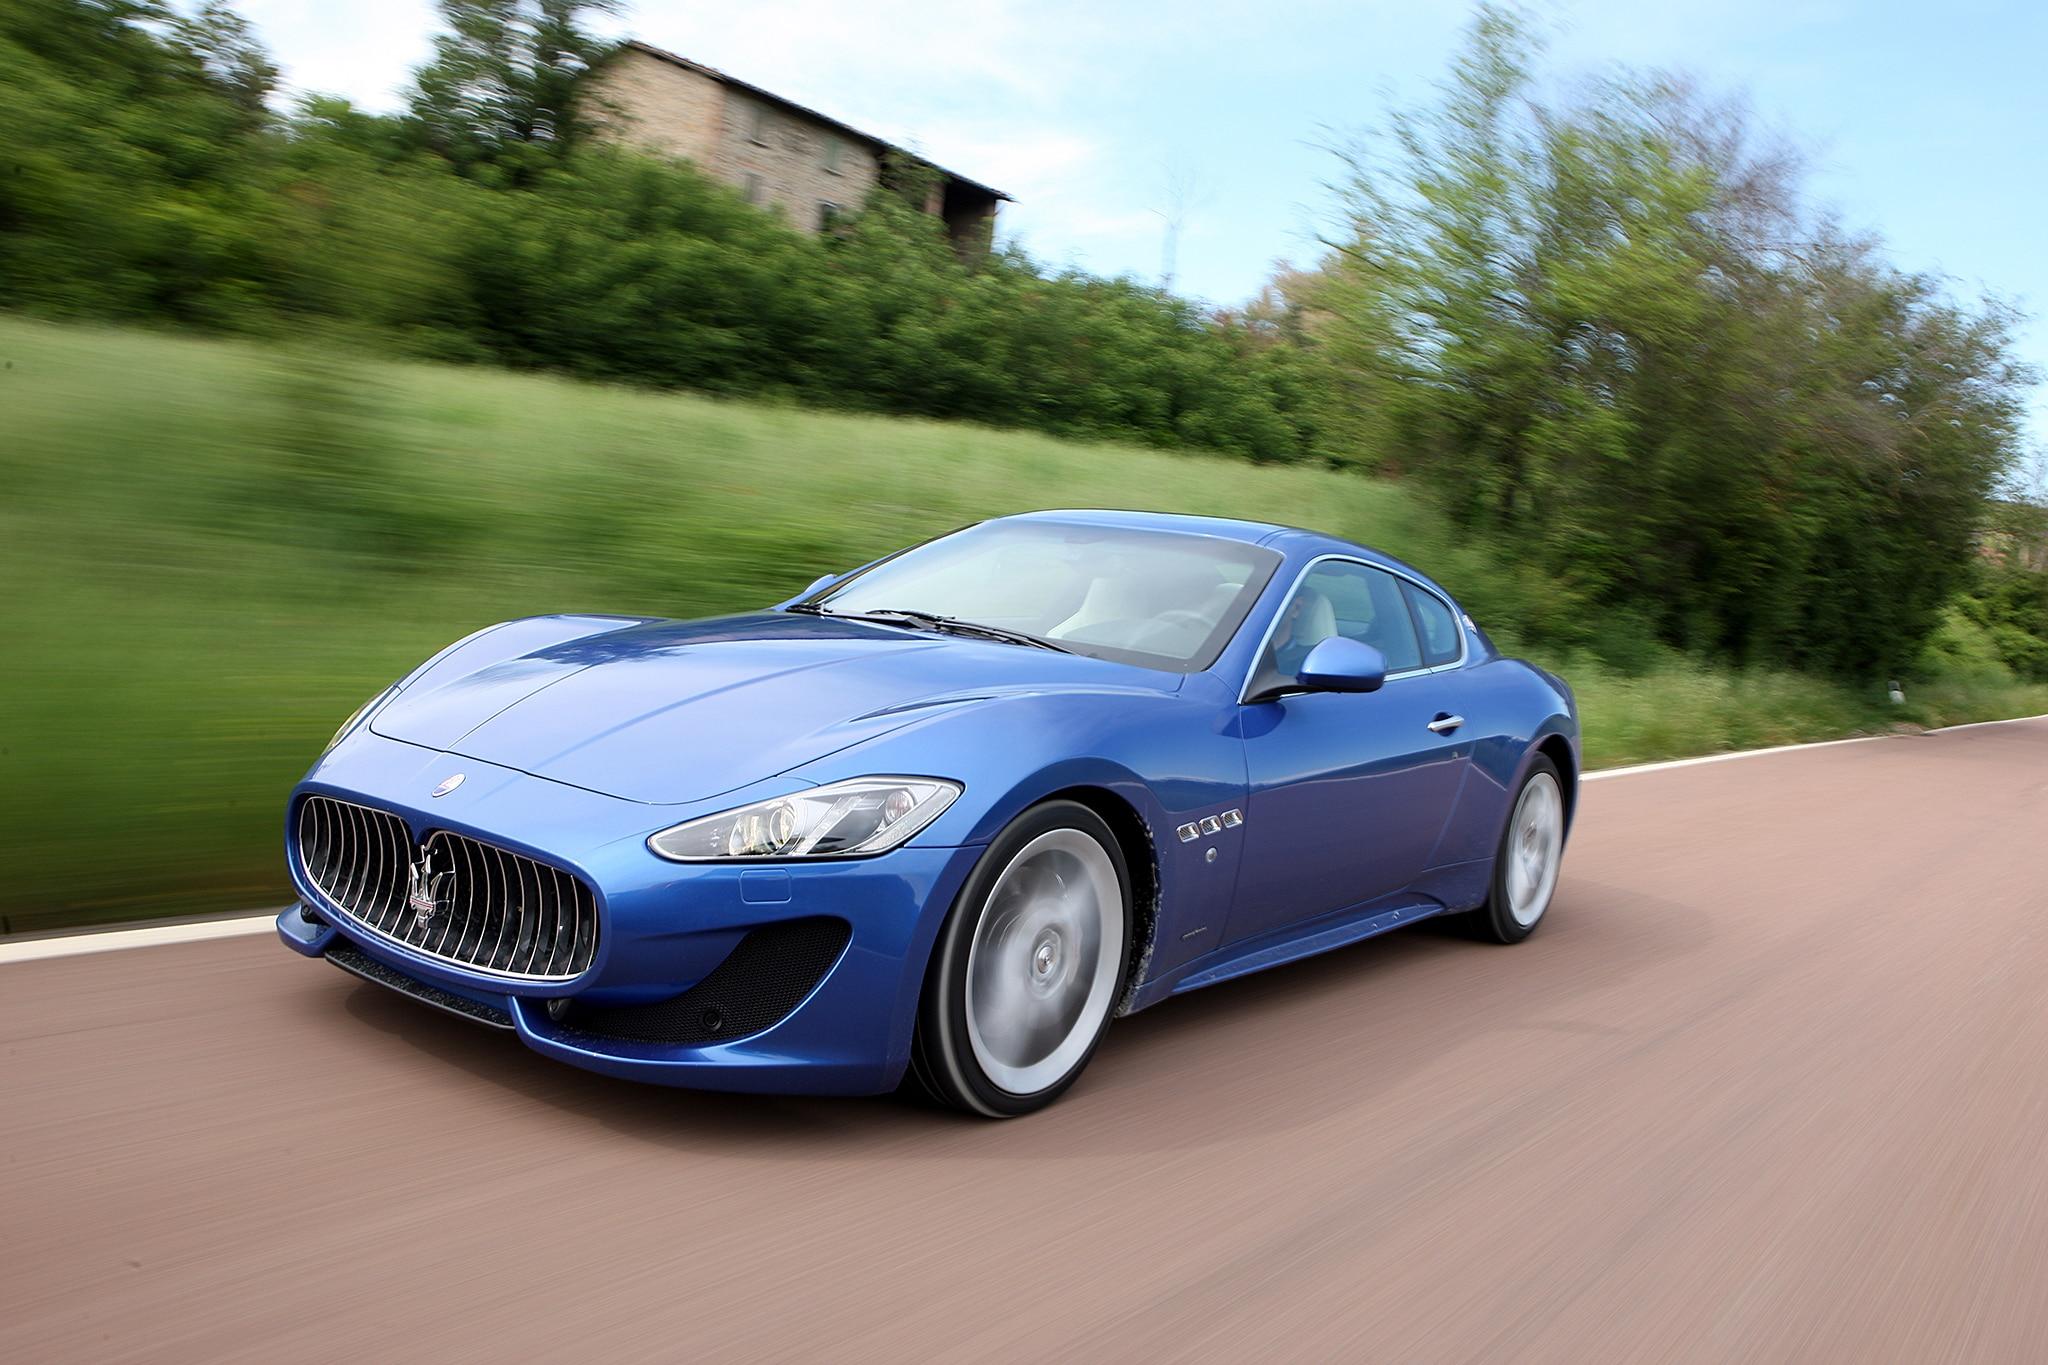 Driven: 2013 Maserati GranTurismo Sport - Automobile Magazine